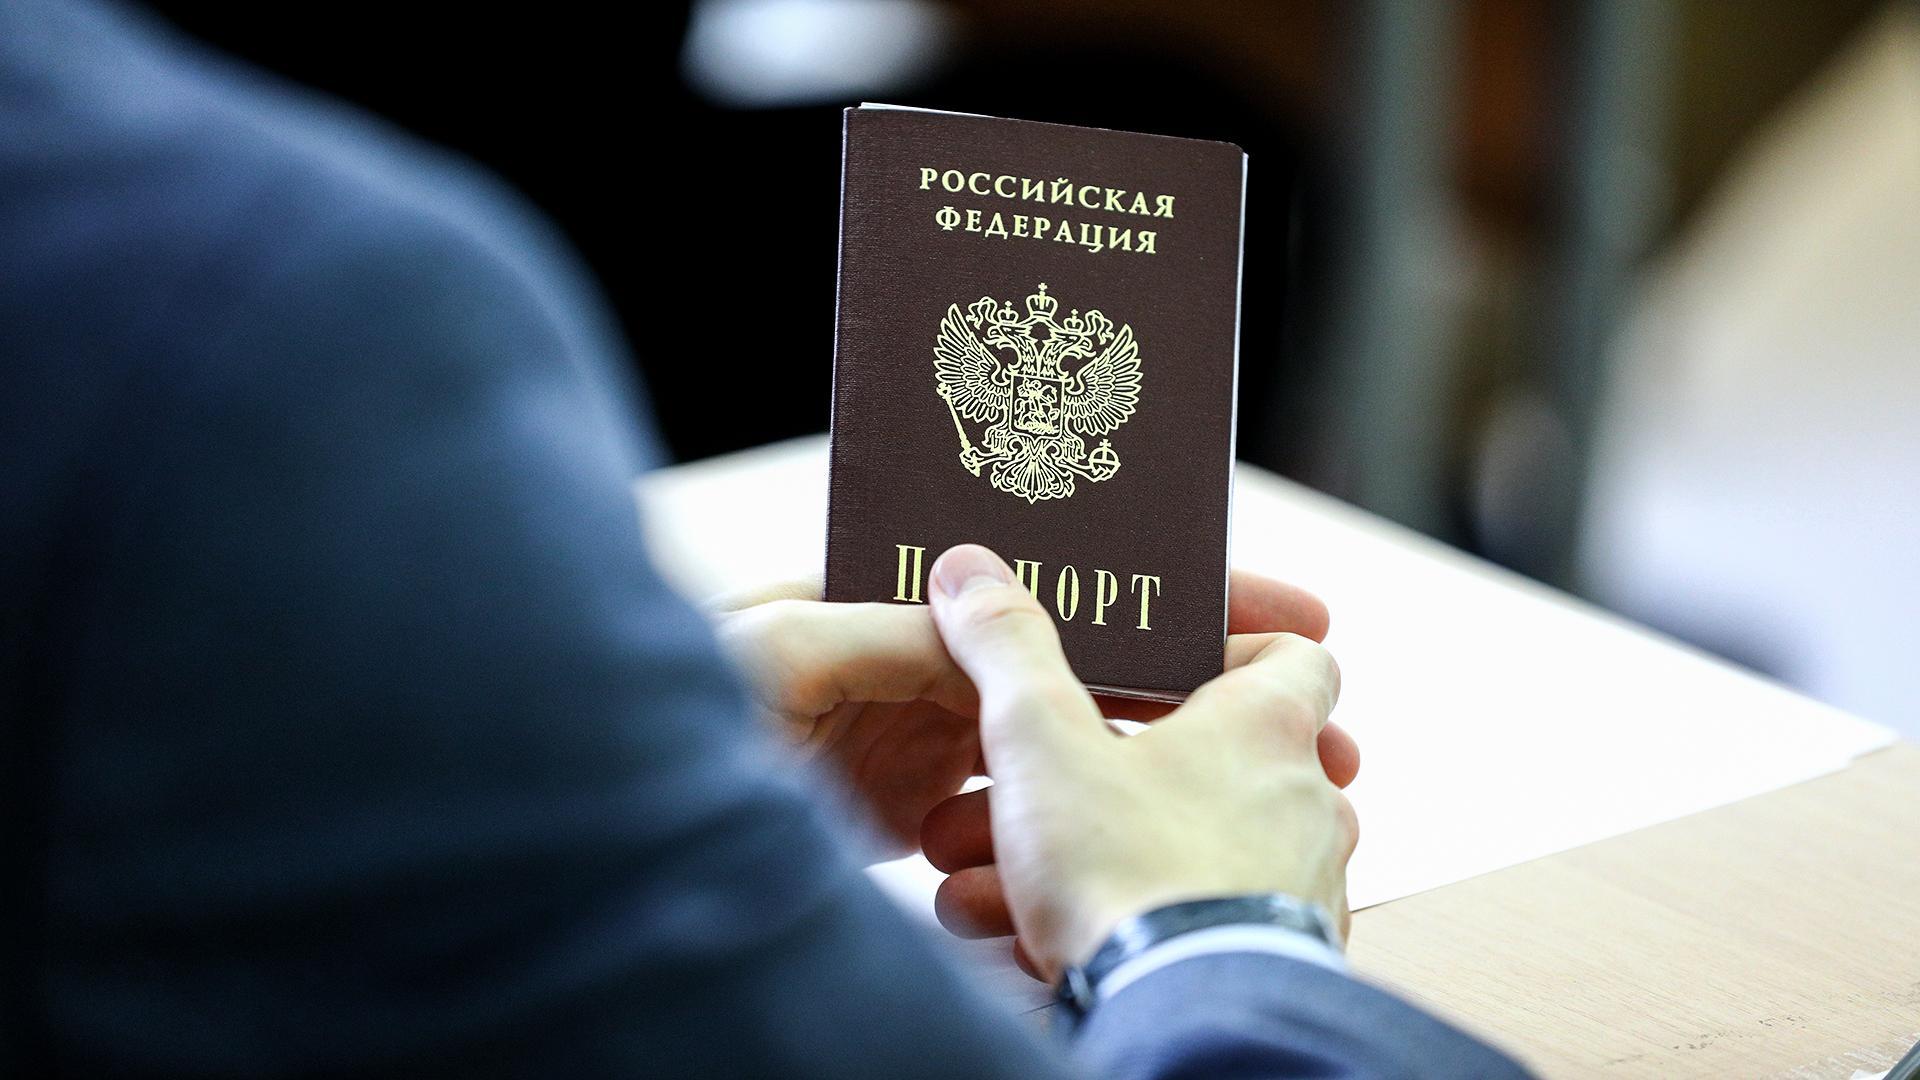 Правительство разрешило не ставить в паспорт отметки о браке и детях